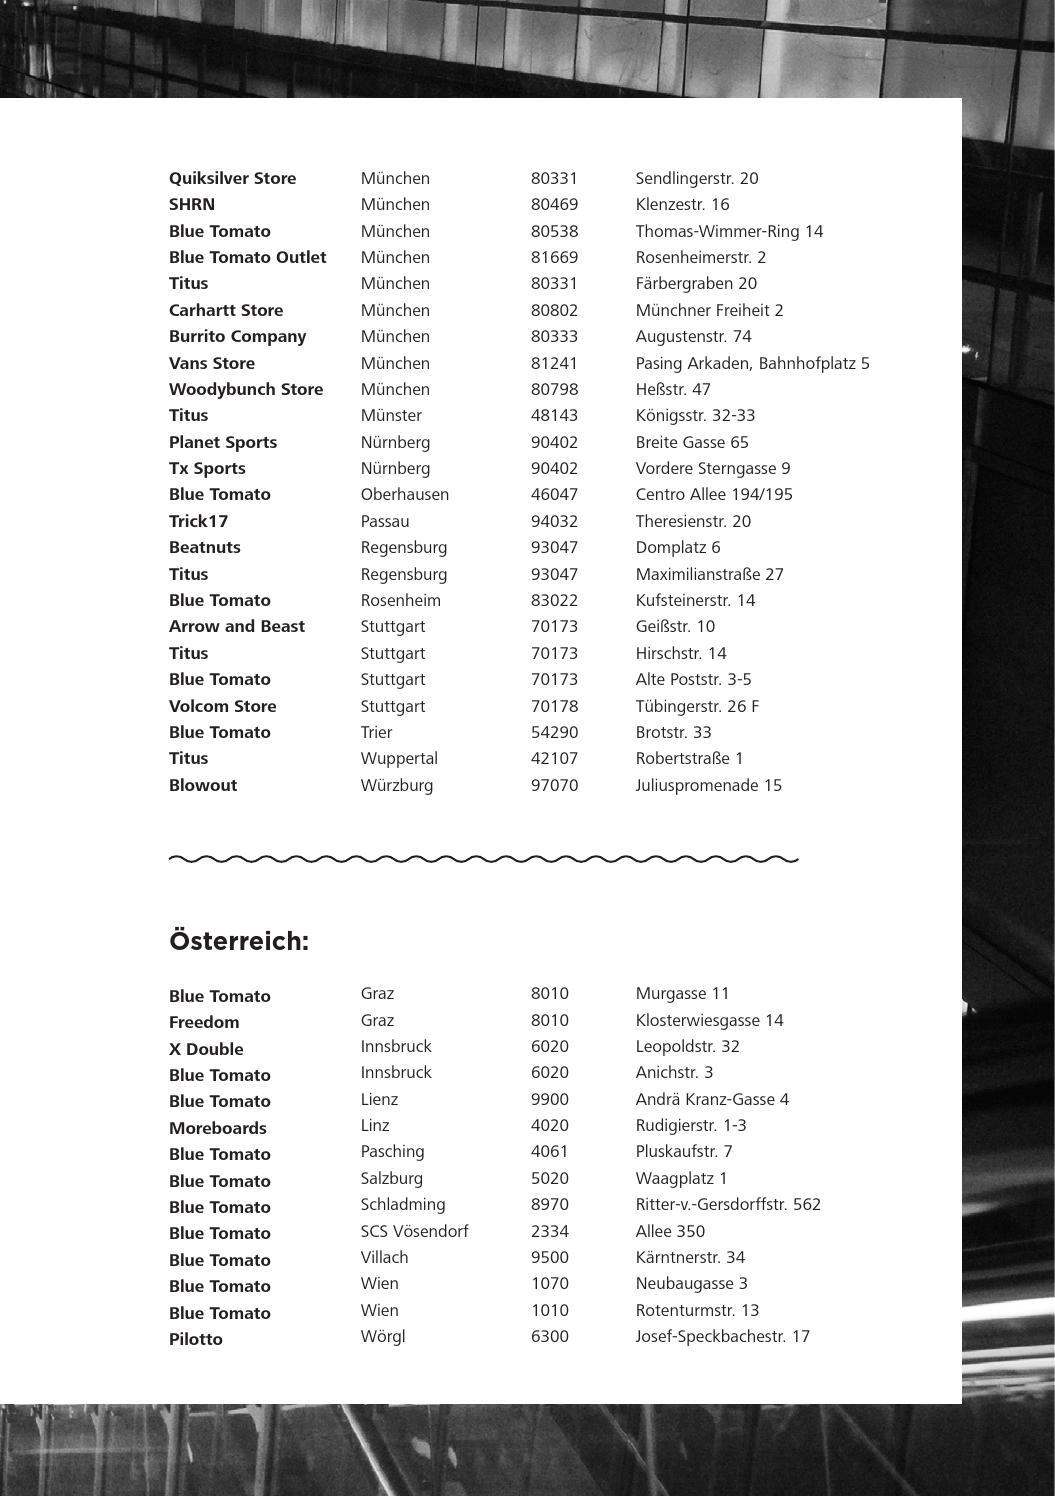 0a07aba5864f9e IRREGULAR SKATEBOARD MAGAZIN  22 by Irregular Skateboard Magazin - issuu